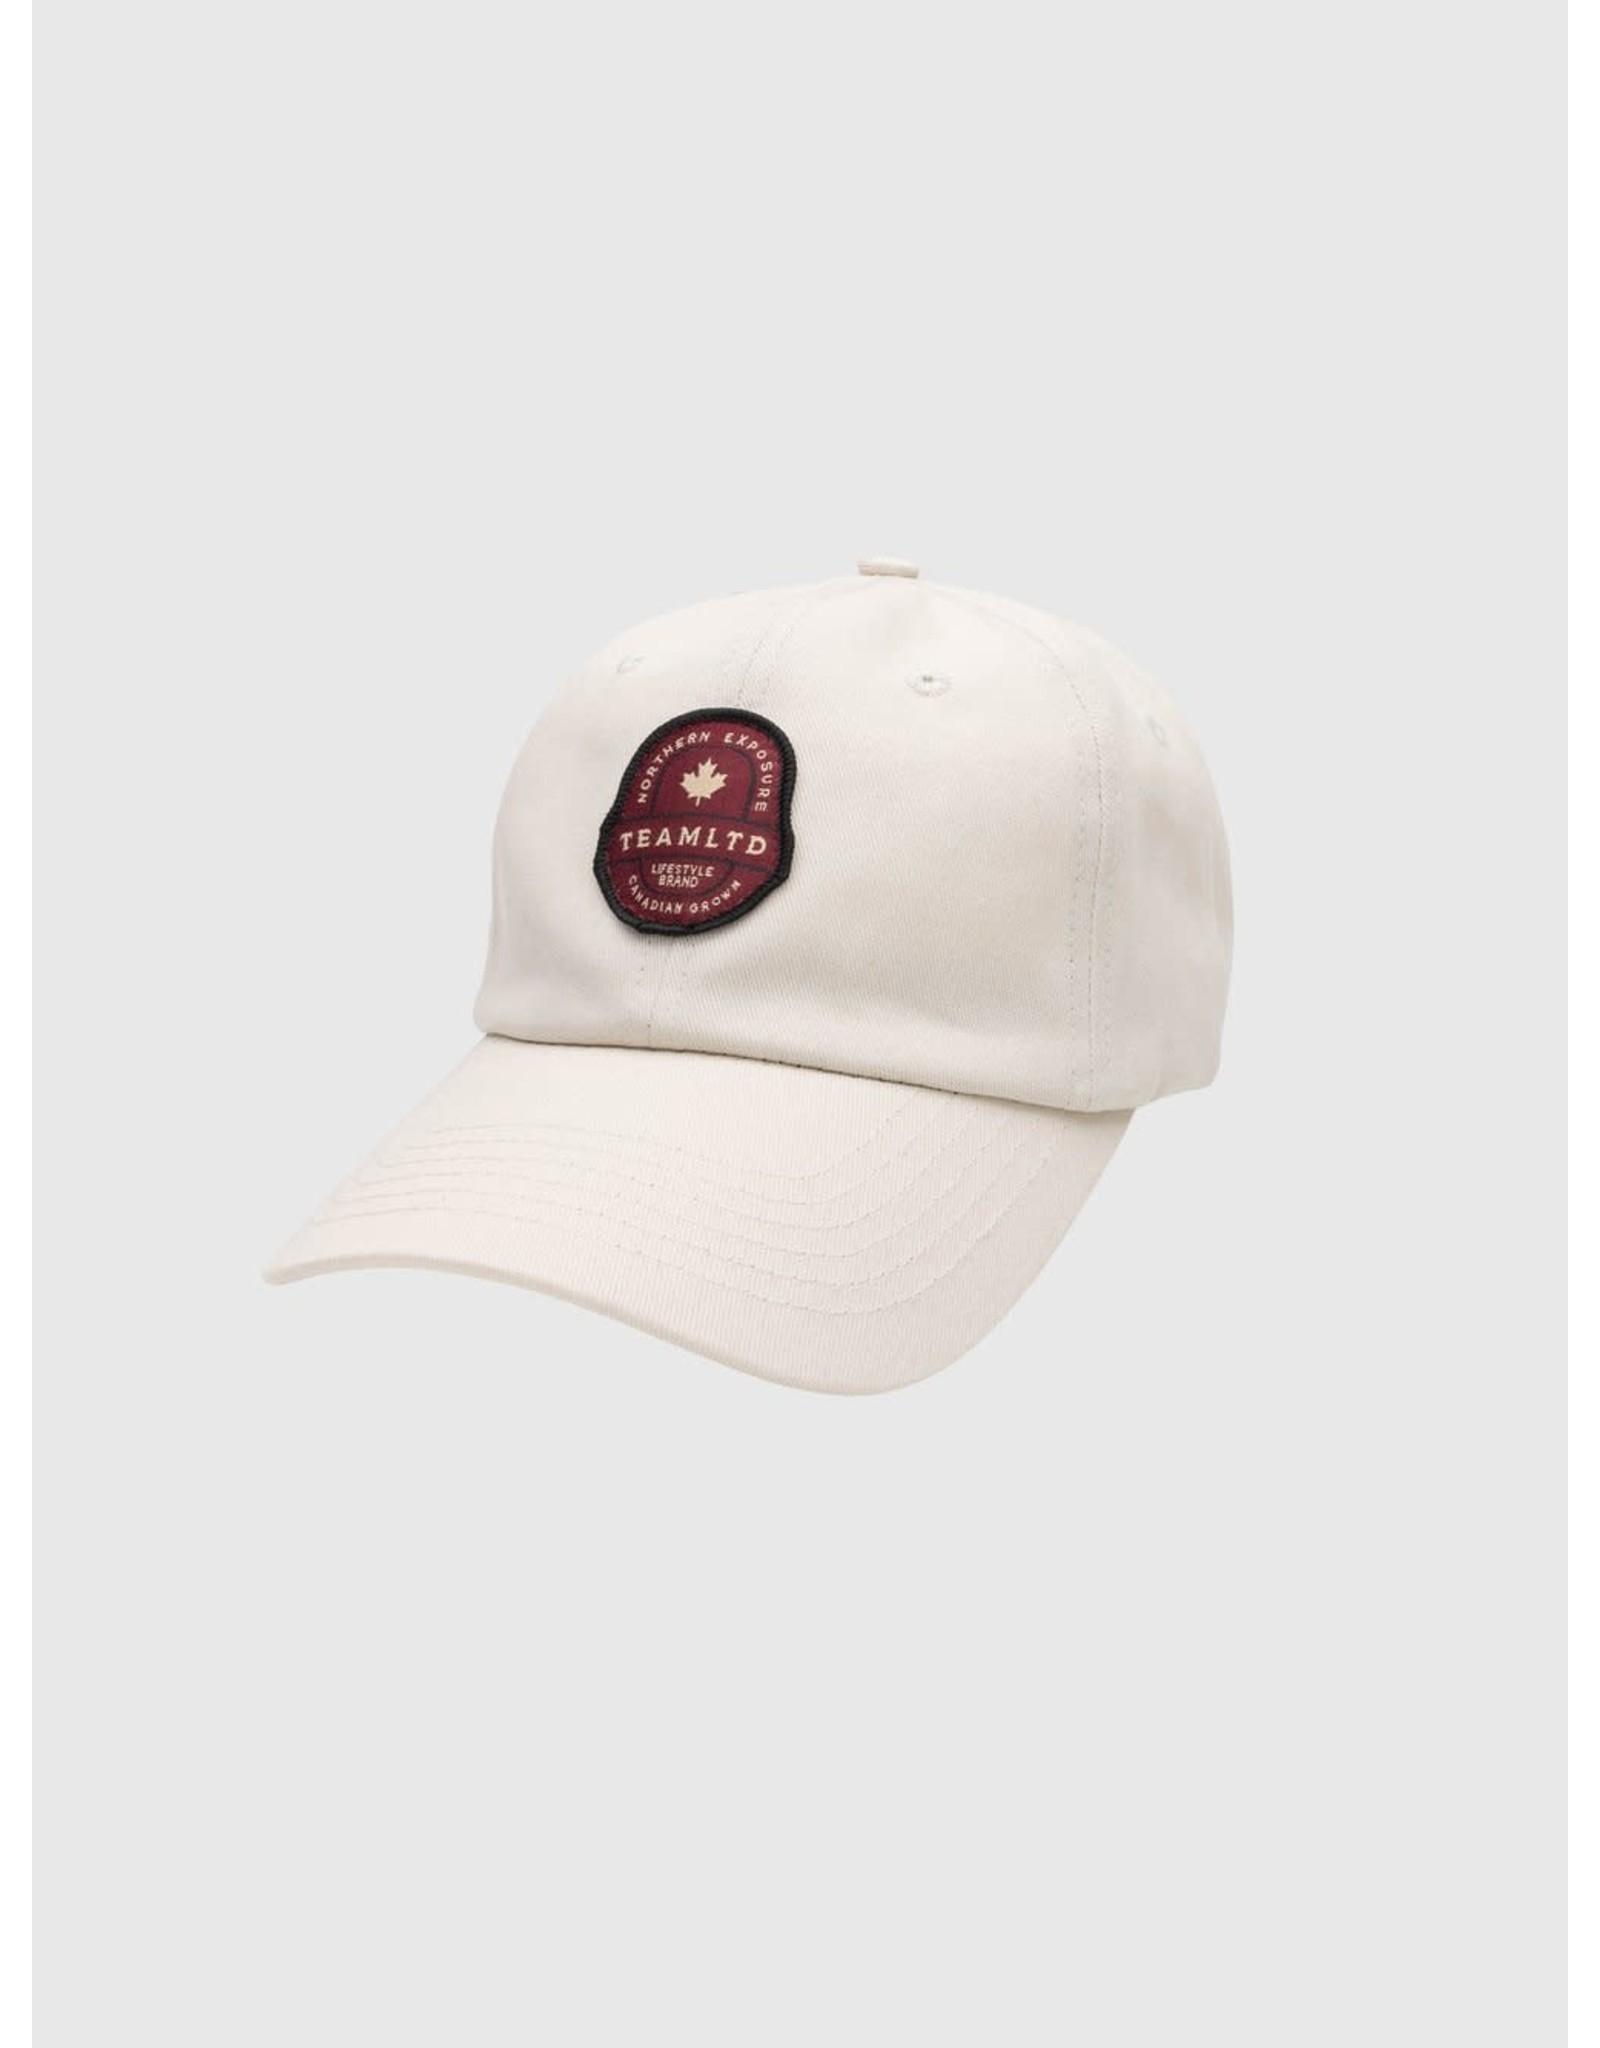 TEAMLTD Canada Day Dad Hat